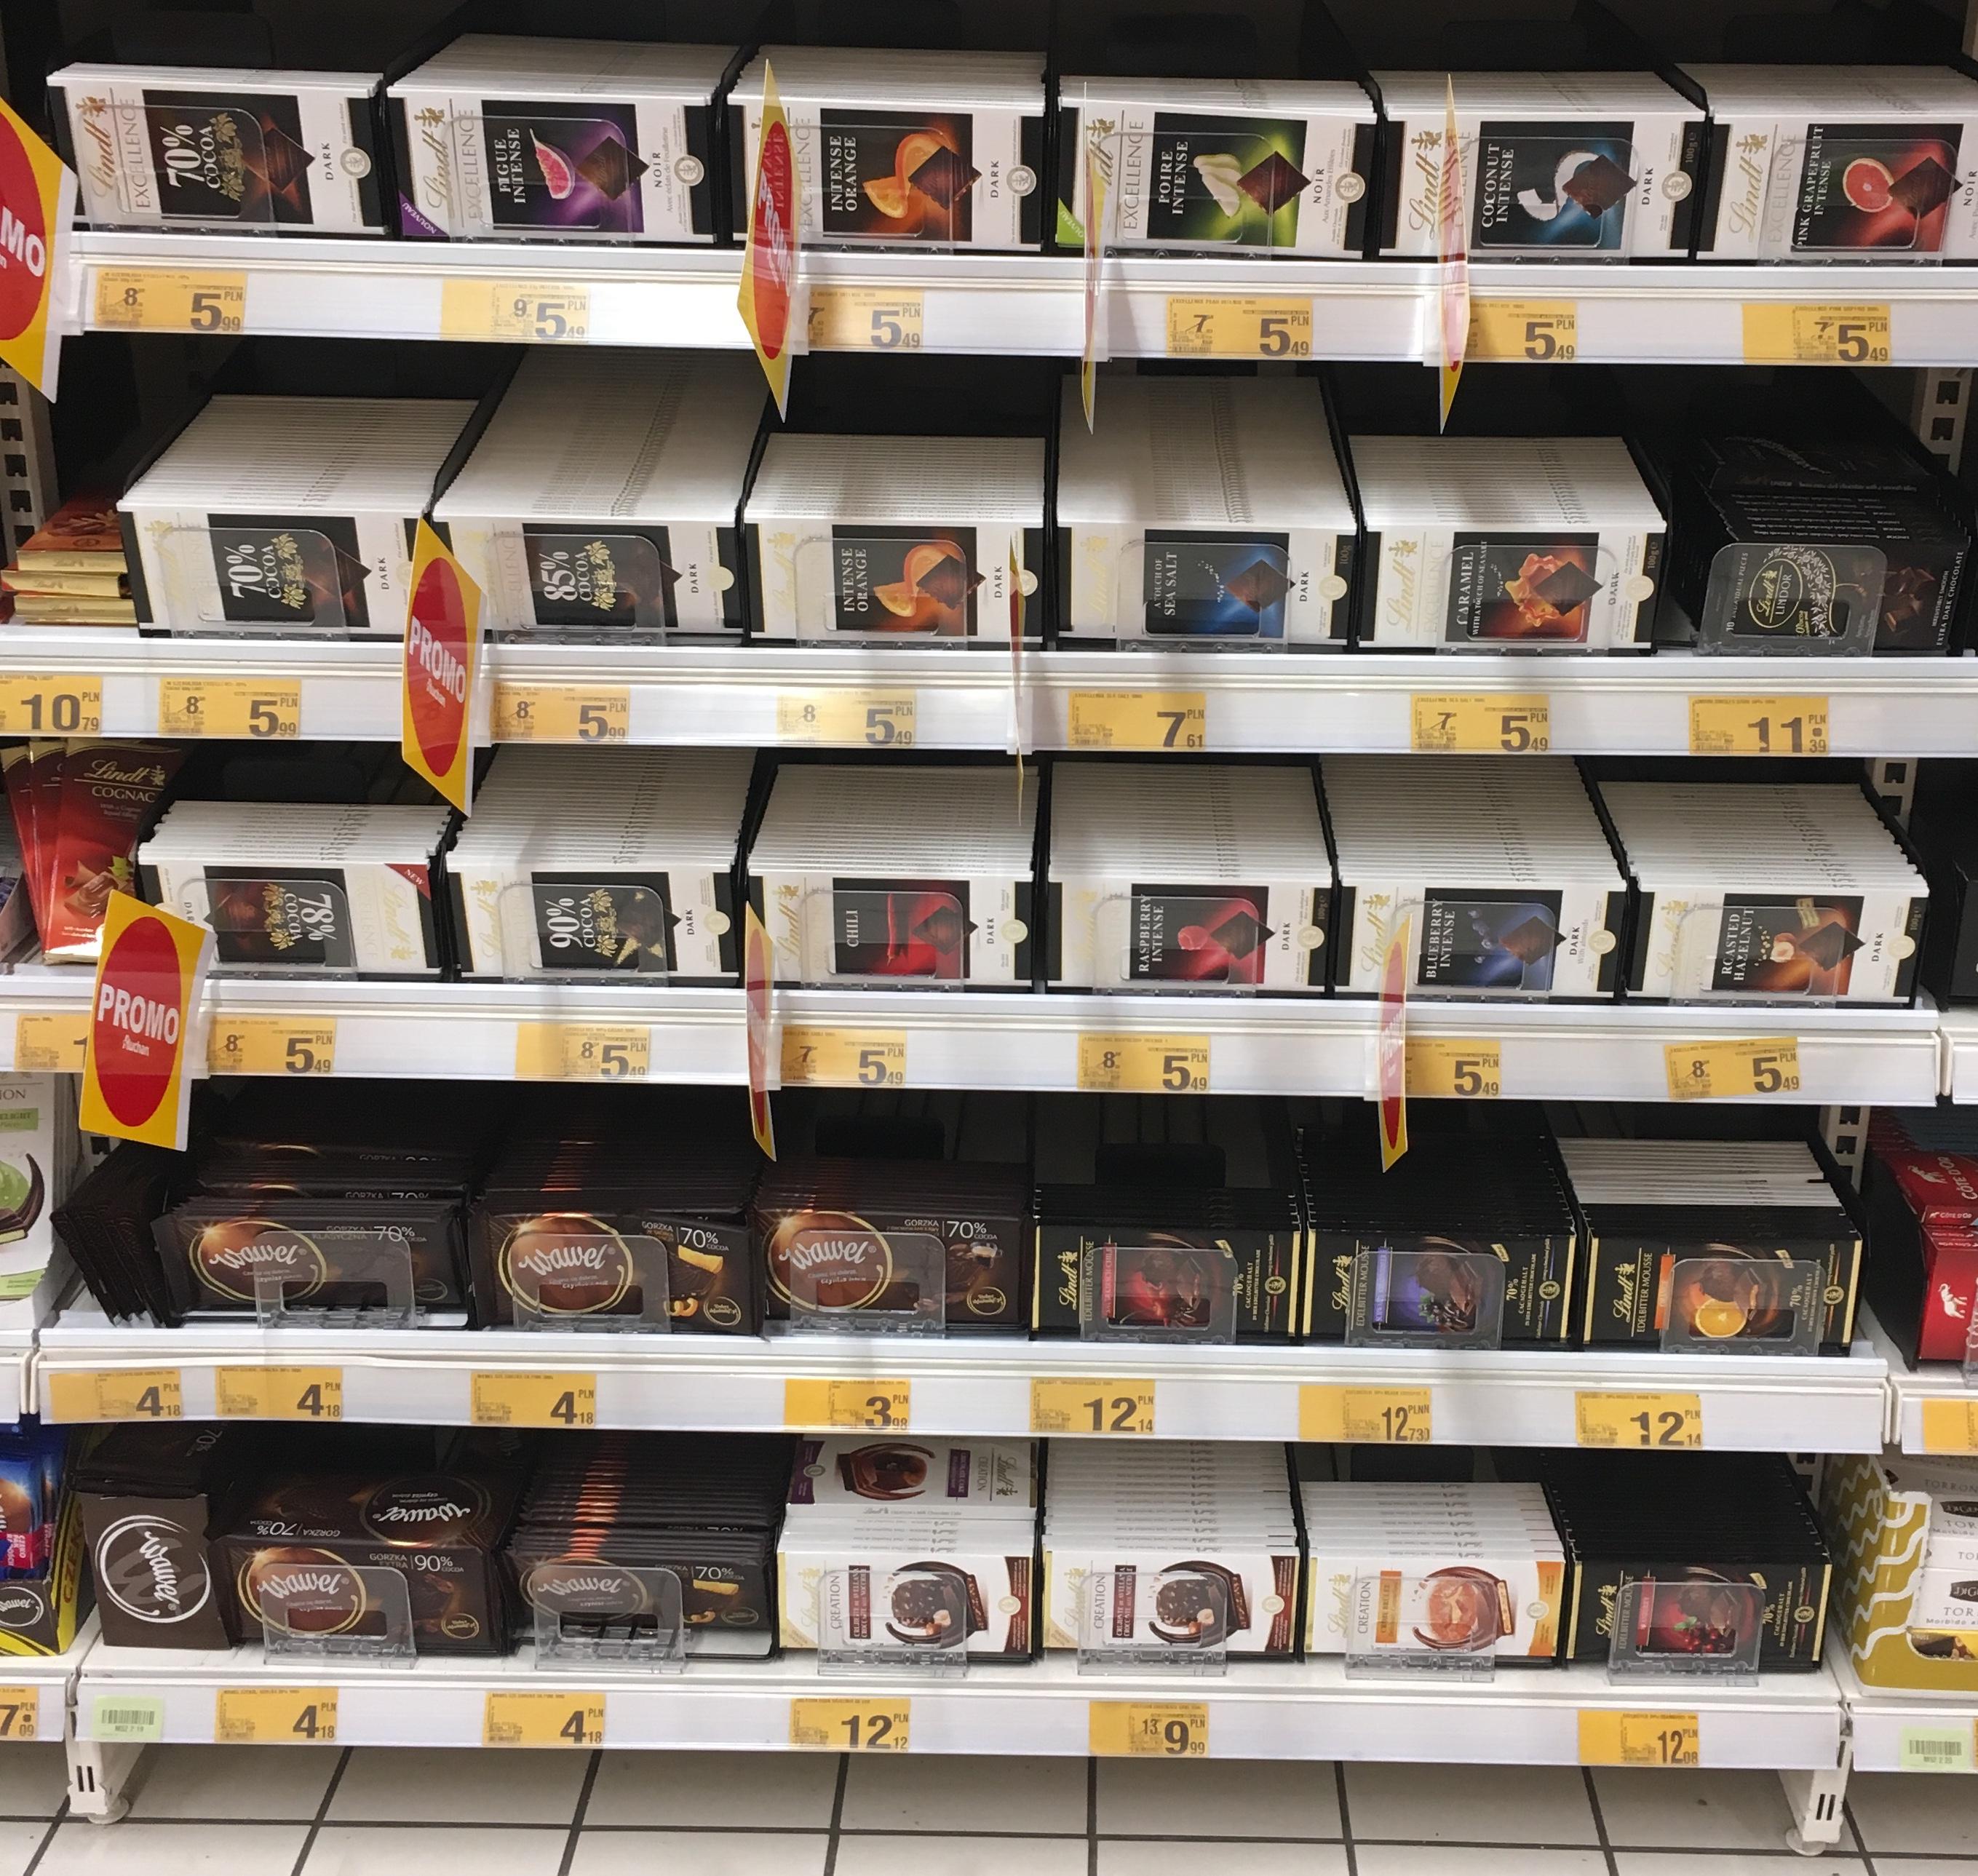 Czekolada LINDT EXCELLENCE Auchan Poznań Swadzim różne smaki po 5,49zł